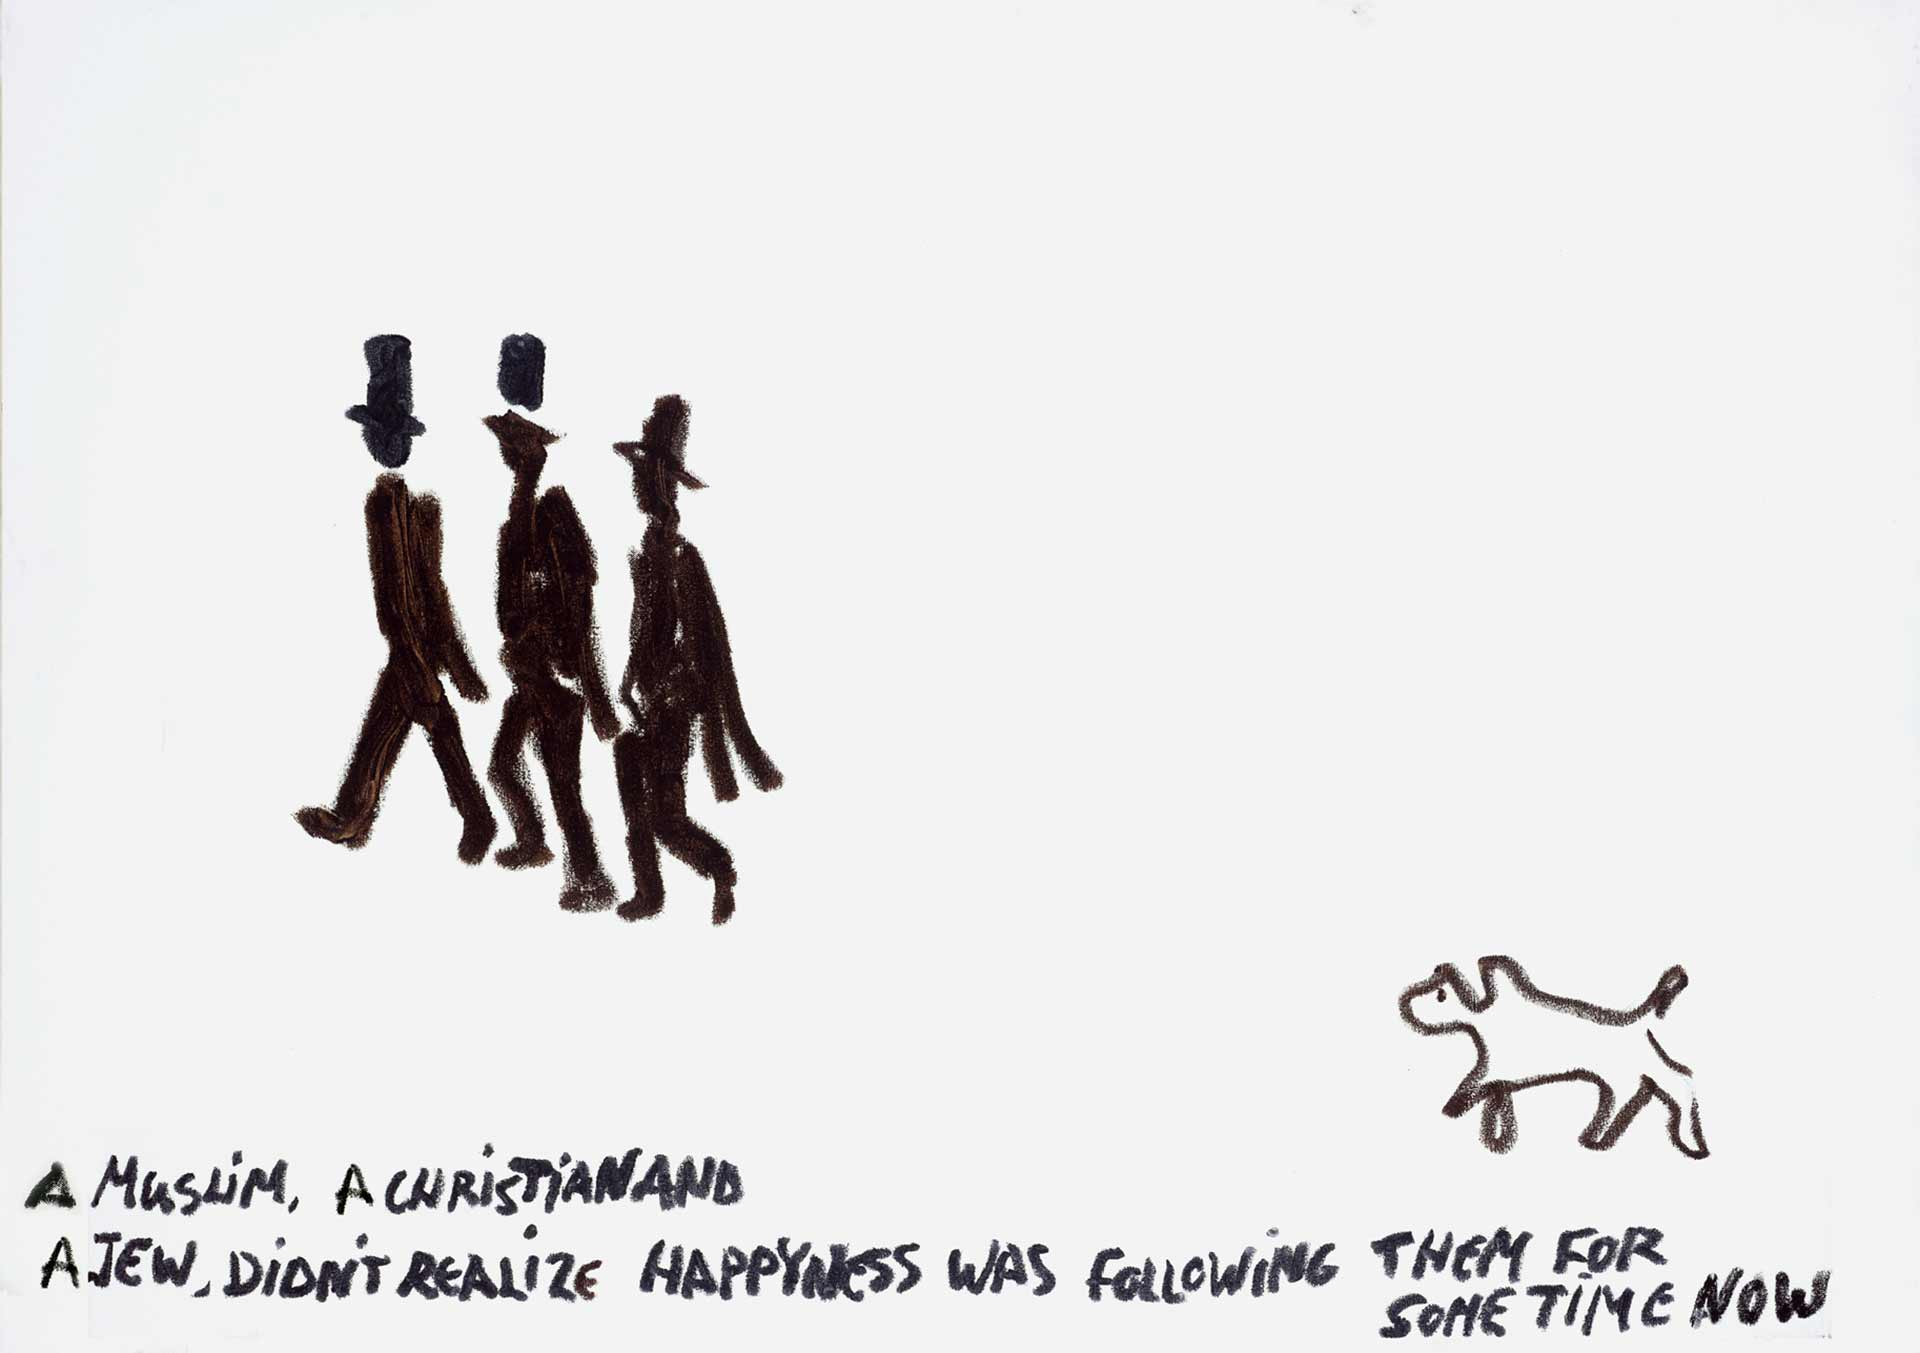 Zeichnung von drei Männern mit Hut, denen mit einigem Abstand ein Hund hinterherläuft